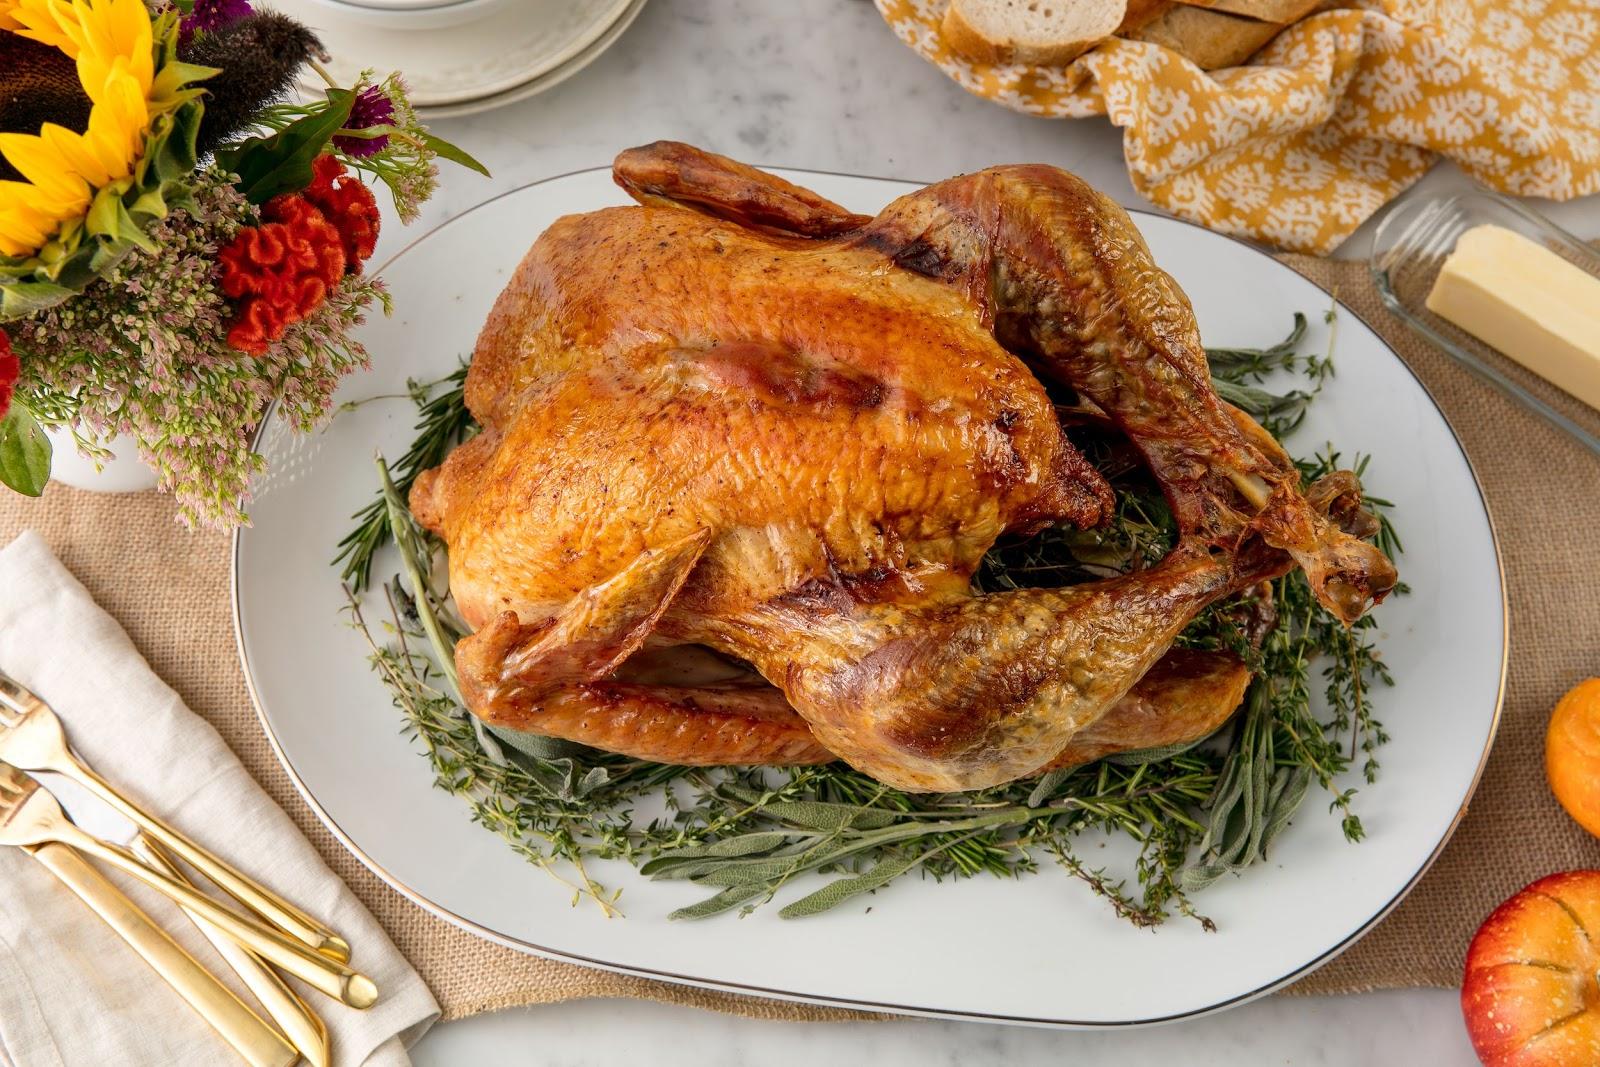 Turkey on table for Thanksgiving dinner